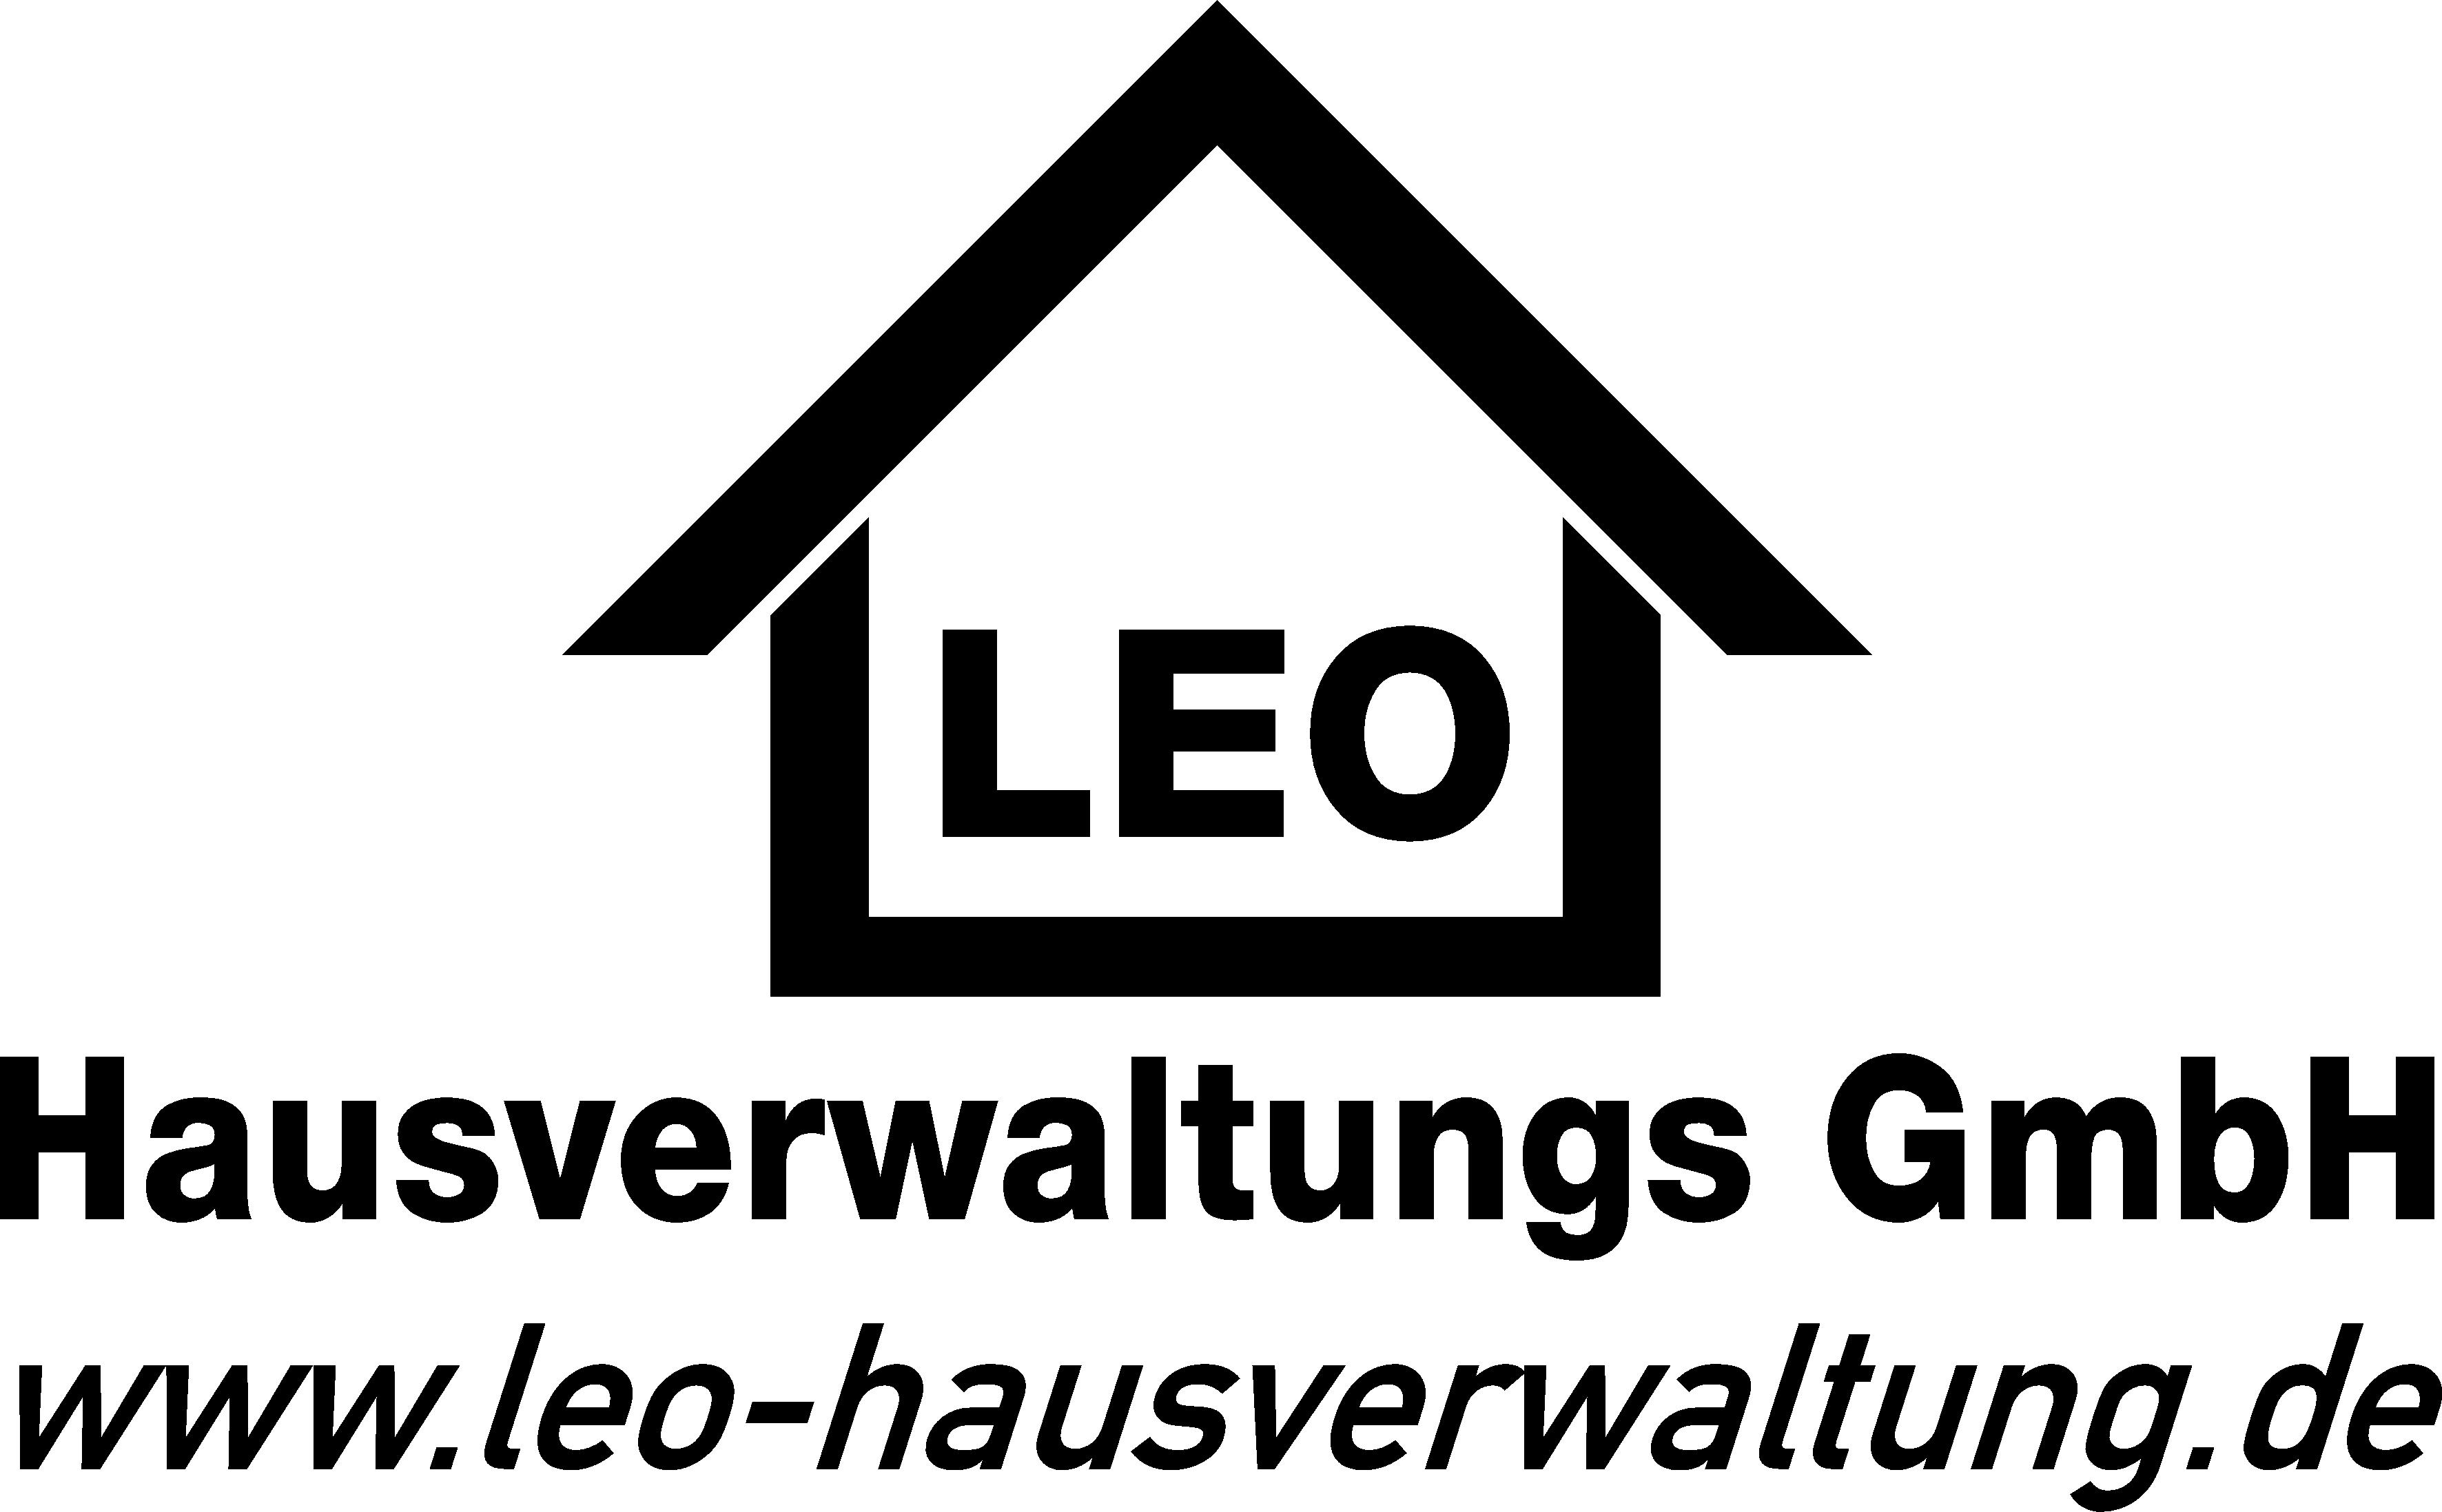 LEO_Hausverwaltung